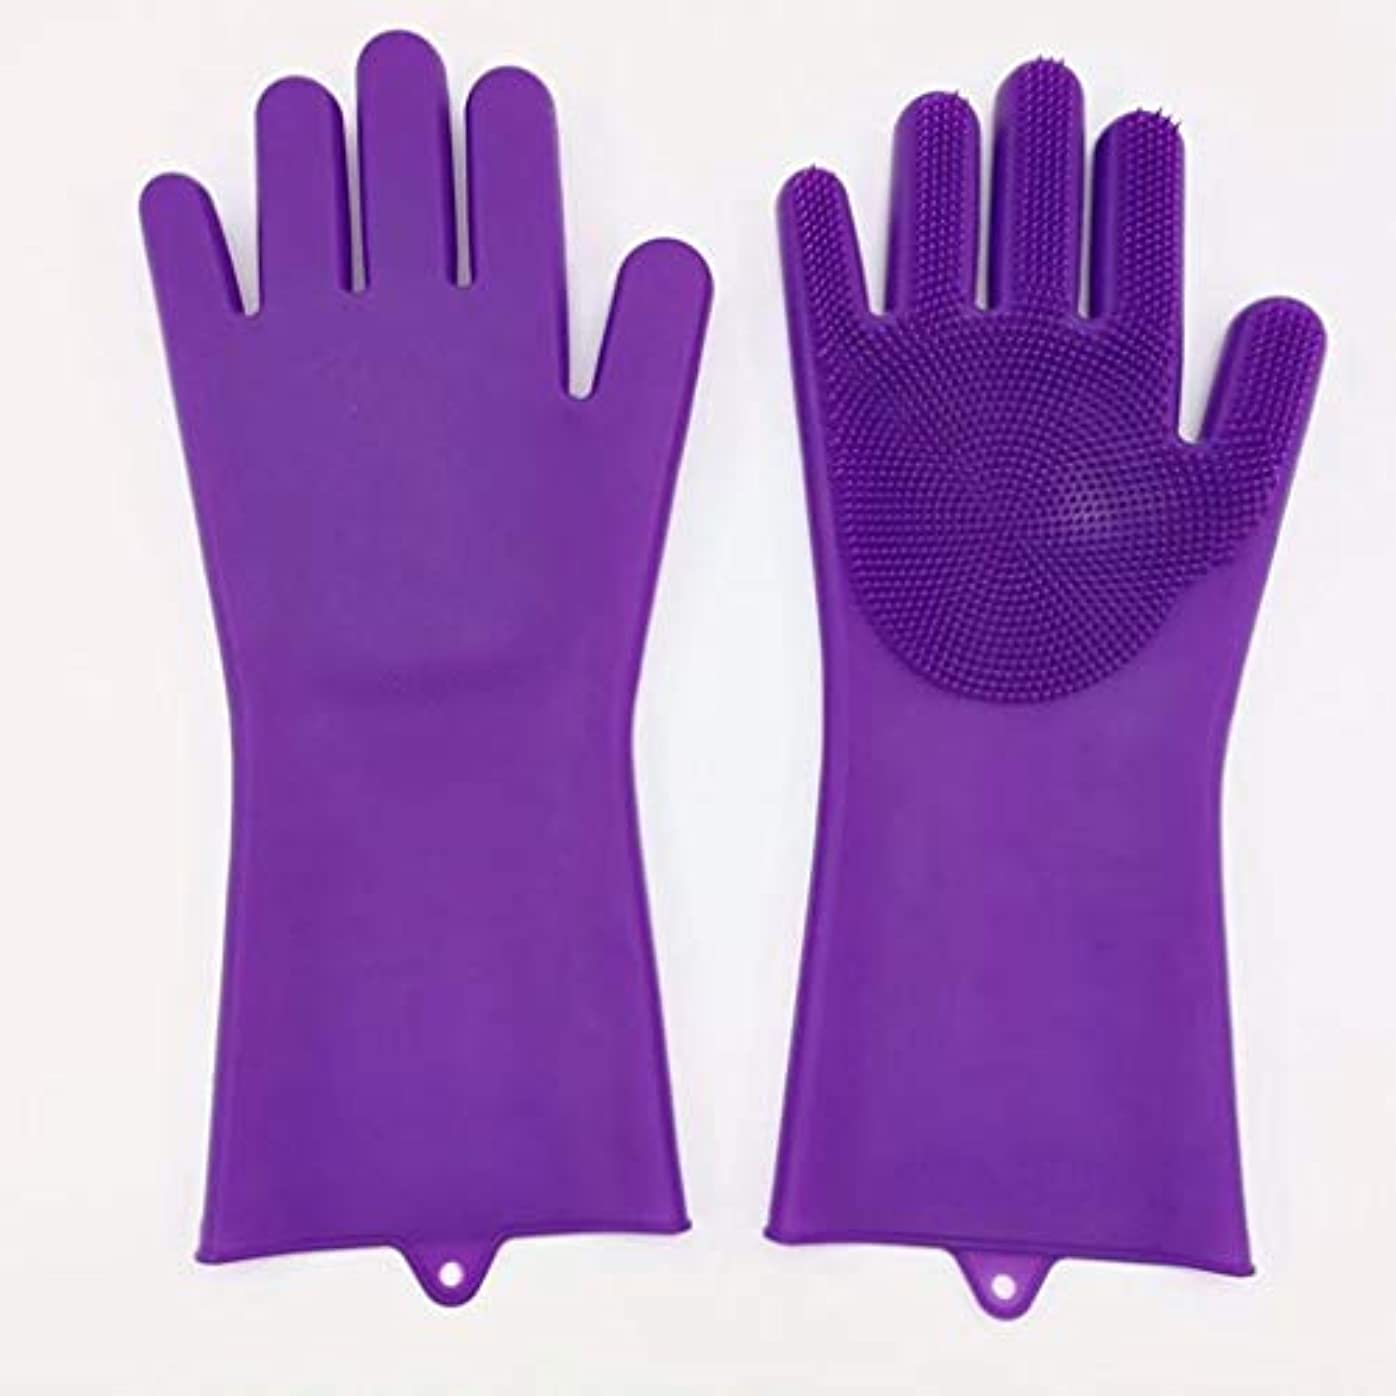 LYYRB 食器洗い用シリコーン手袋、台所掃除用マジックグローブ、滑り止め防水高温手袋3色オプション 手袋 (Color : Purple)